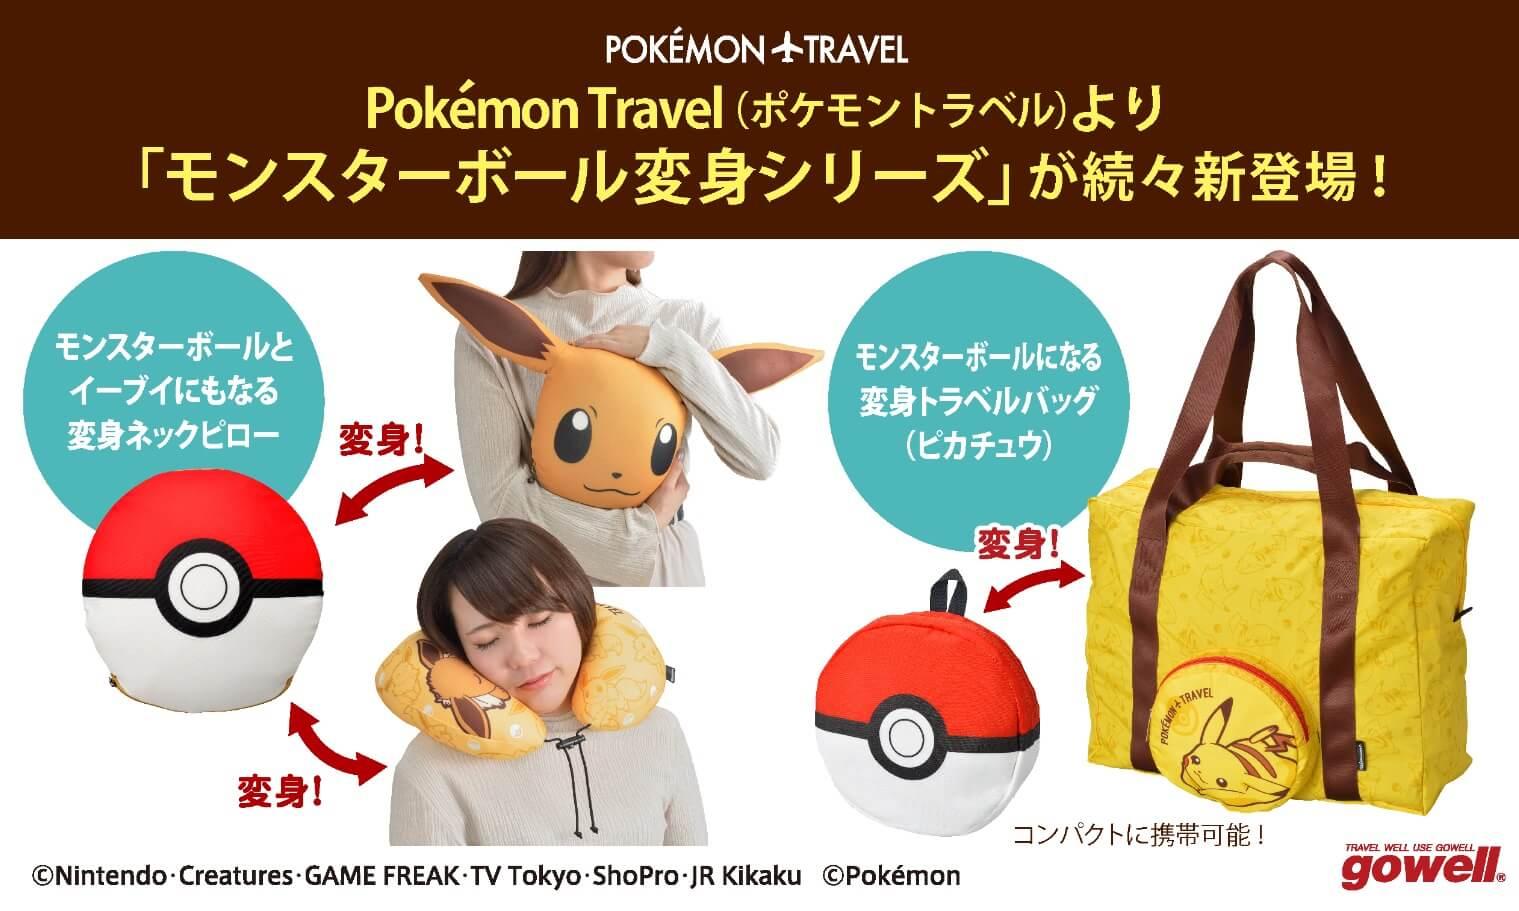 令旅程變得快樂的「Pokemon Travel」頸枕和旅行包發售 精靈寶可夢、